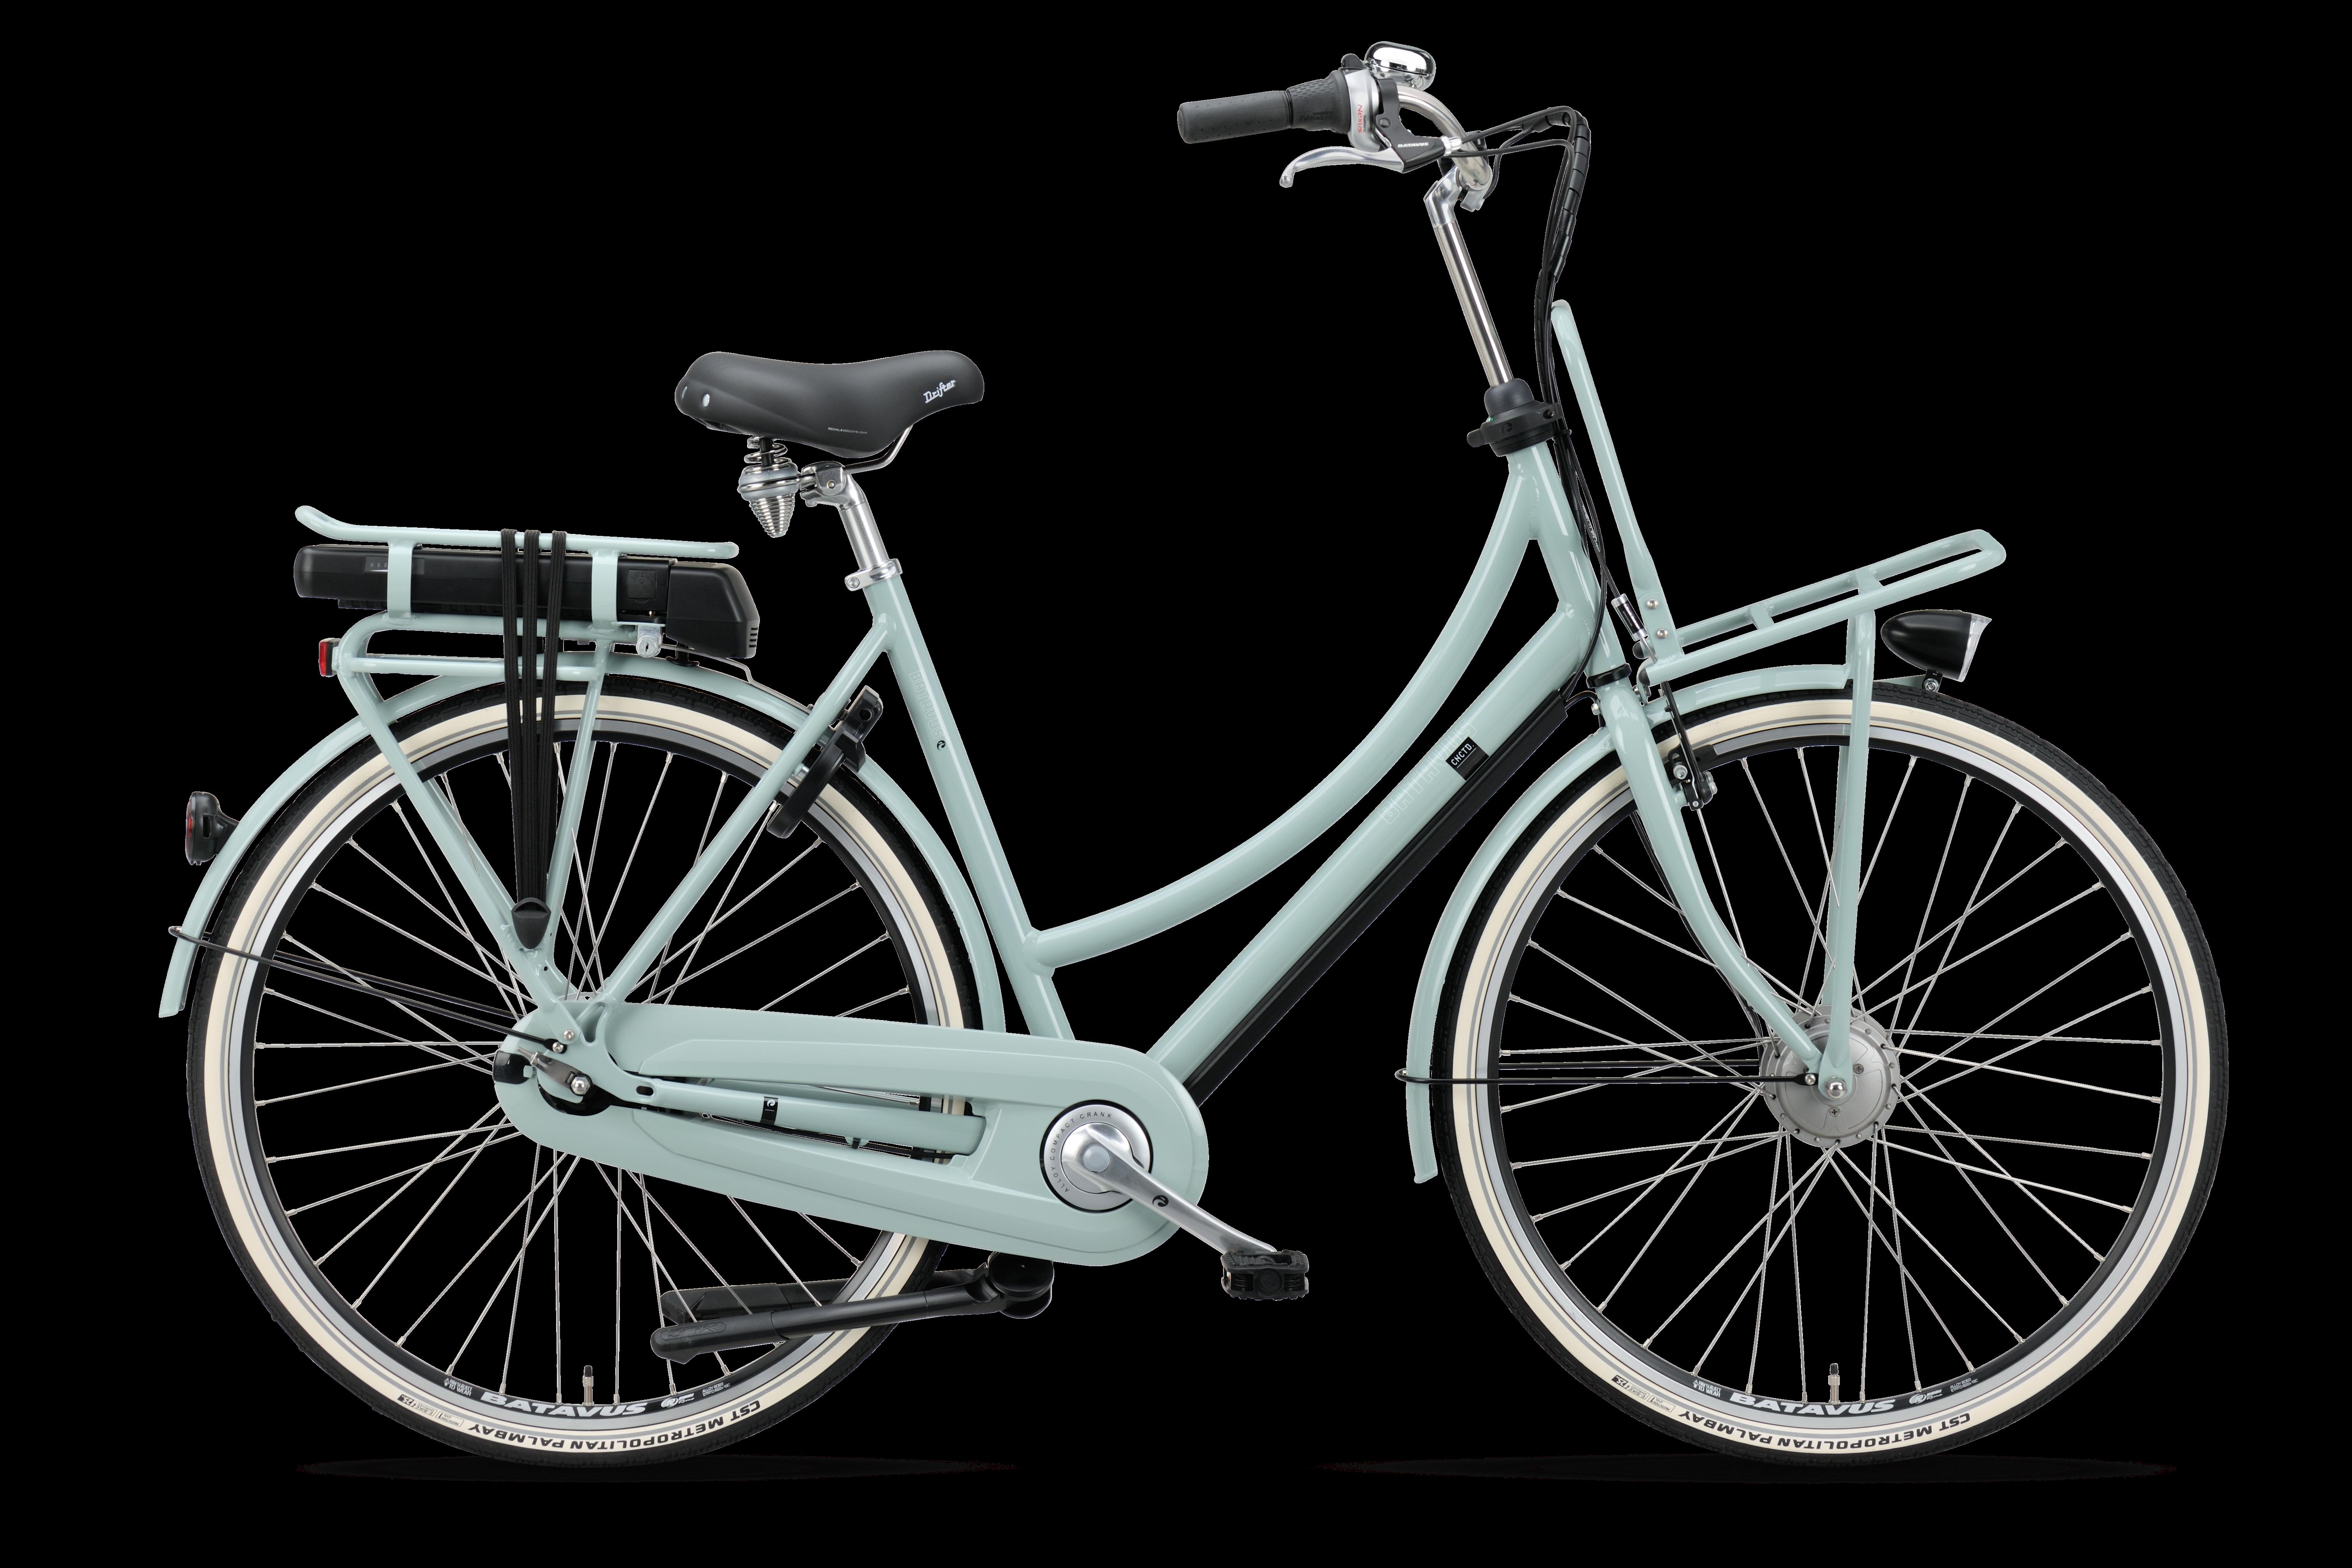 Lichte Elektrische Fiets : Elektrische fietsen van batavus een gevarieerd aanbod